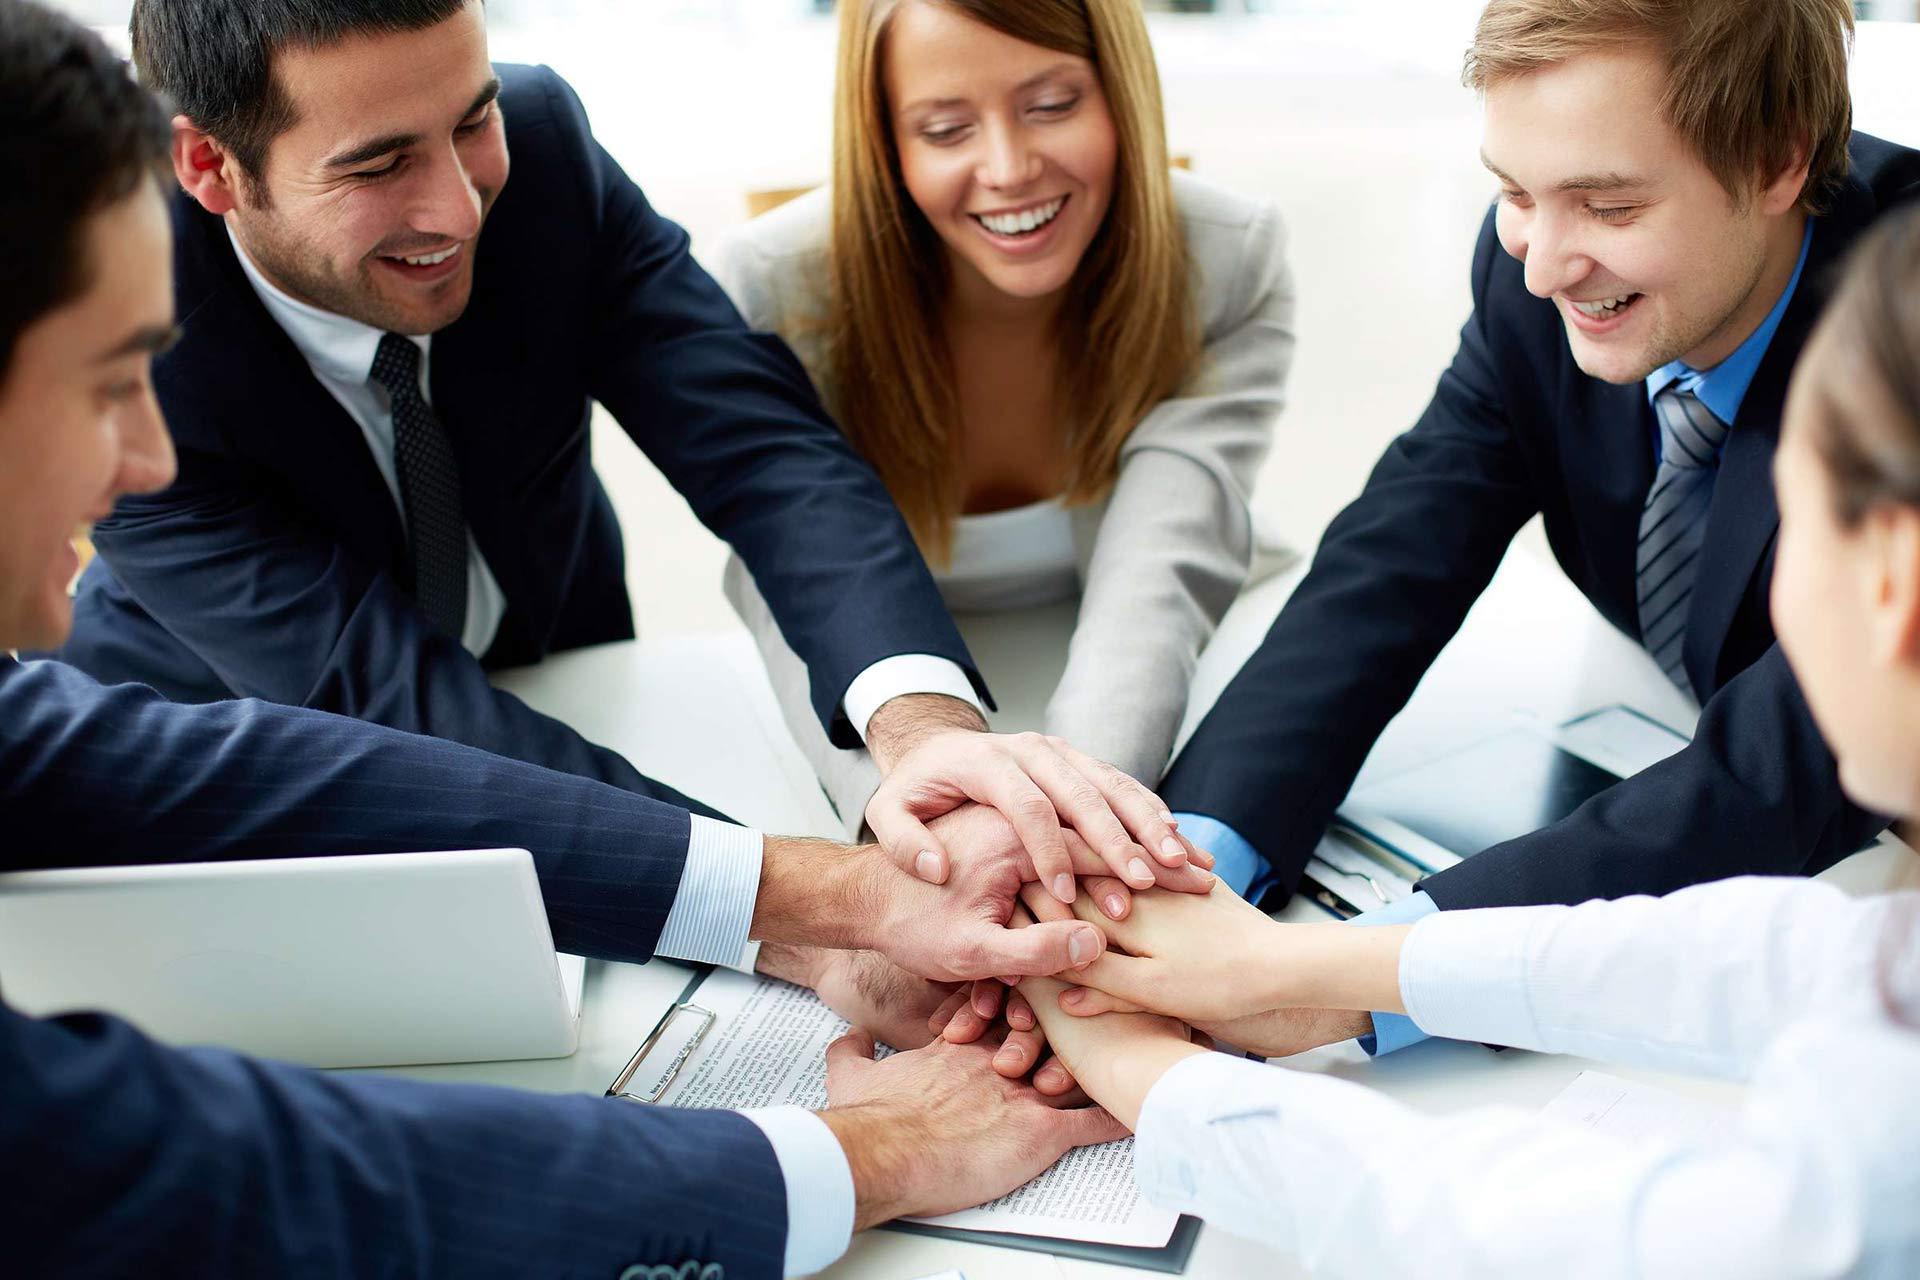 Вебинар: Как повысить эффективность команды?